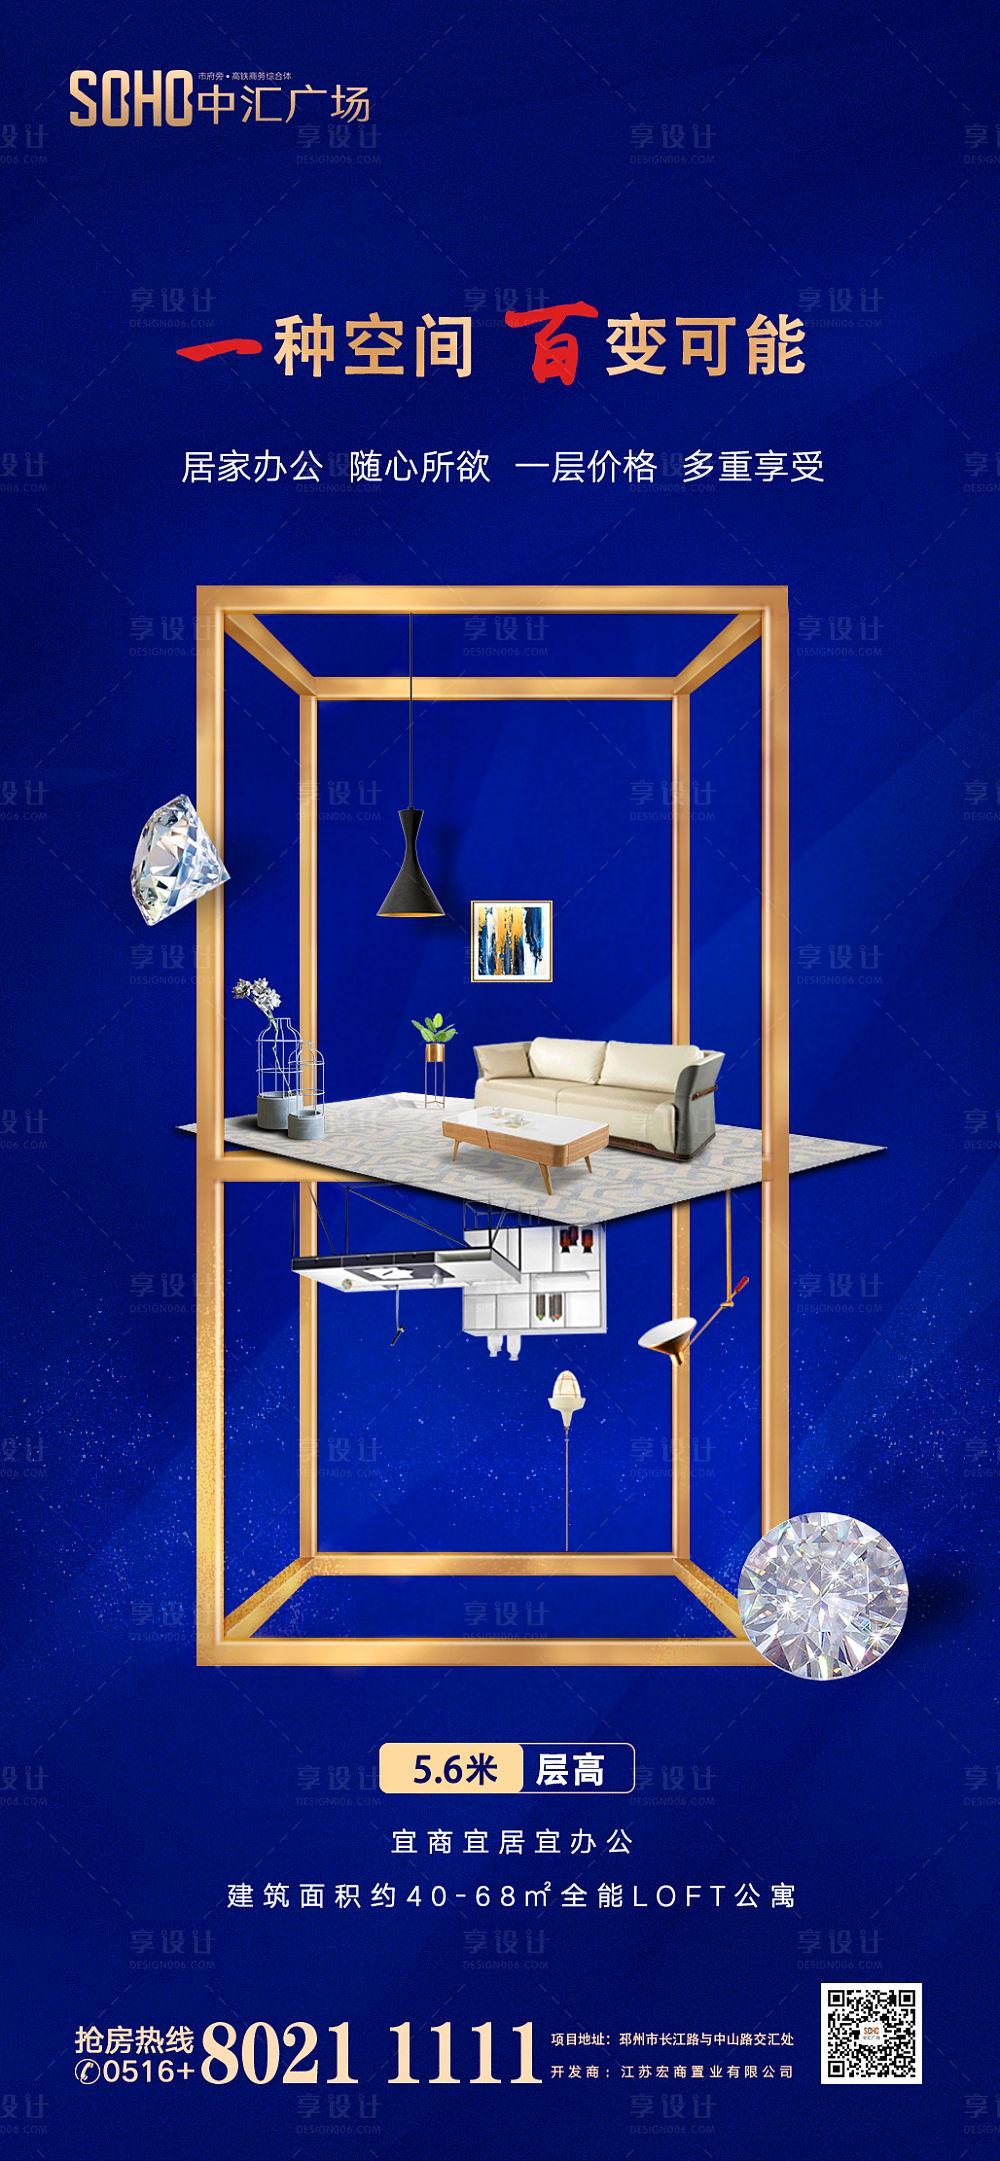 【源文件下载】 海报 房地产 家居 几何 钻石 高端 大气 创意 金色 空间